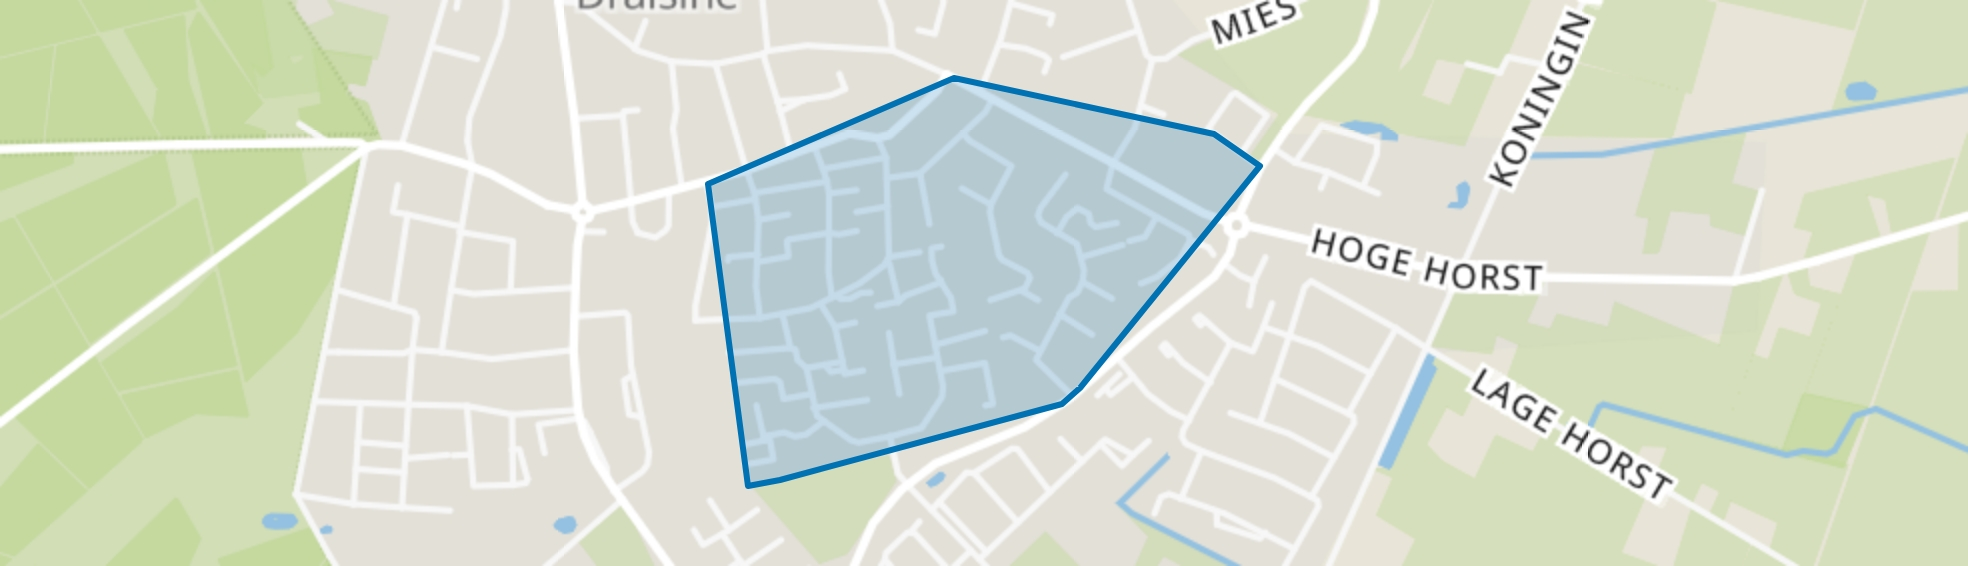 Groesbeek De Drul-Oost, Groesbeek map